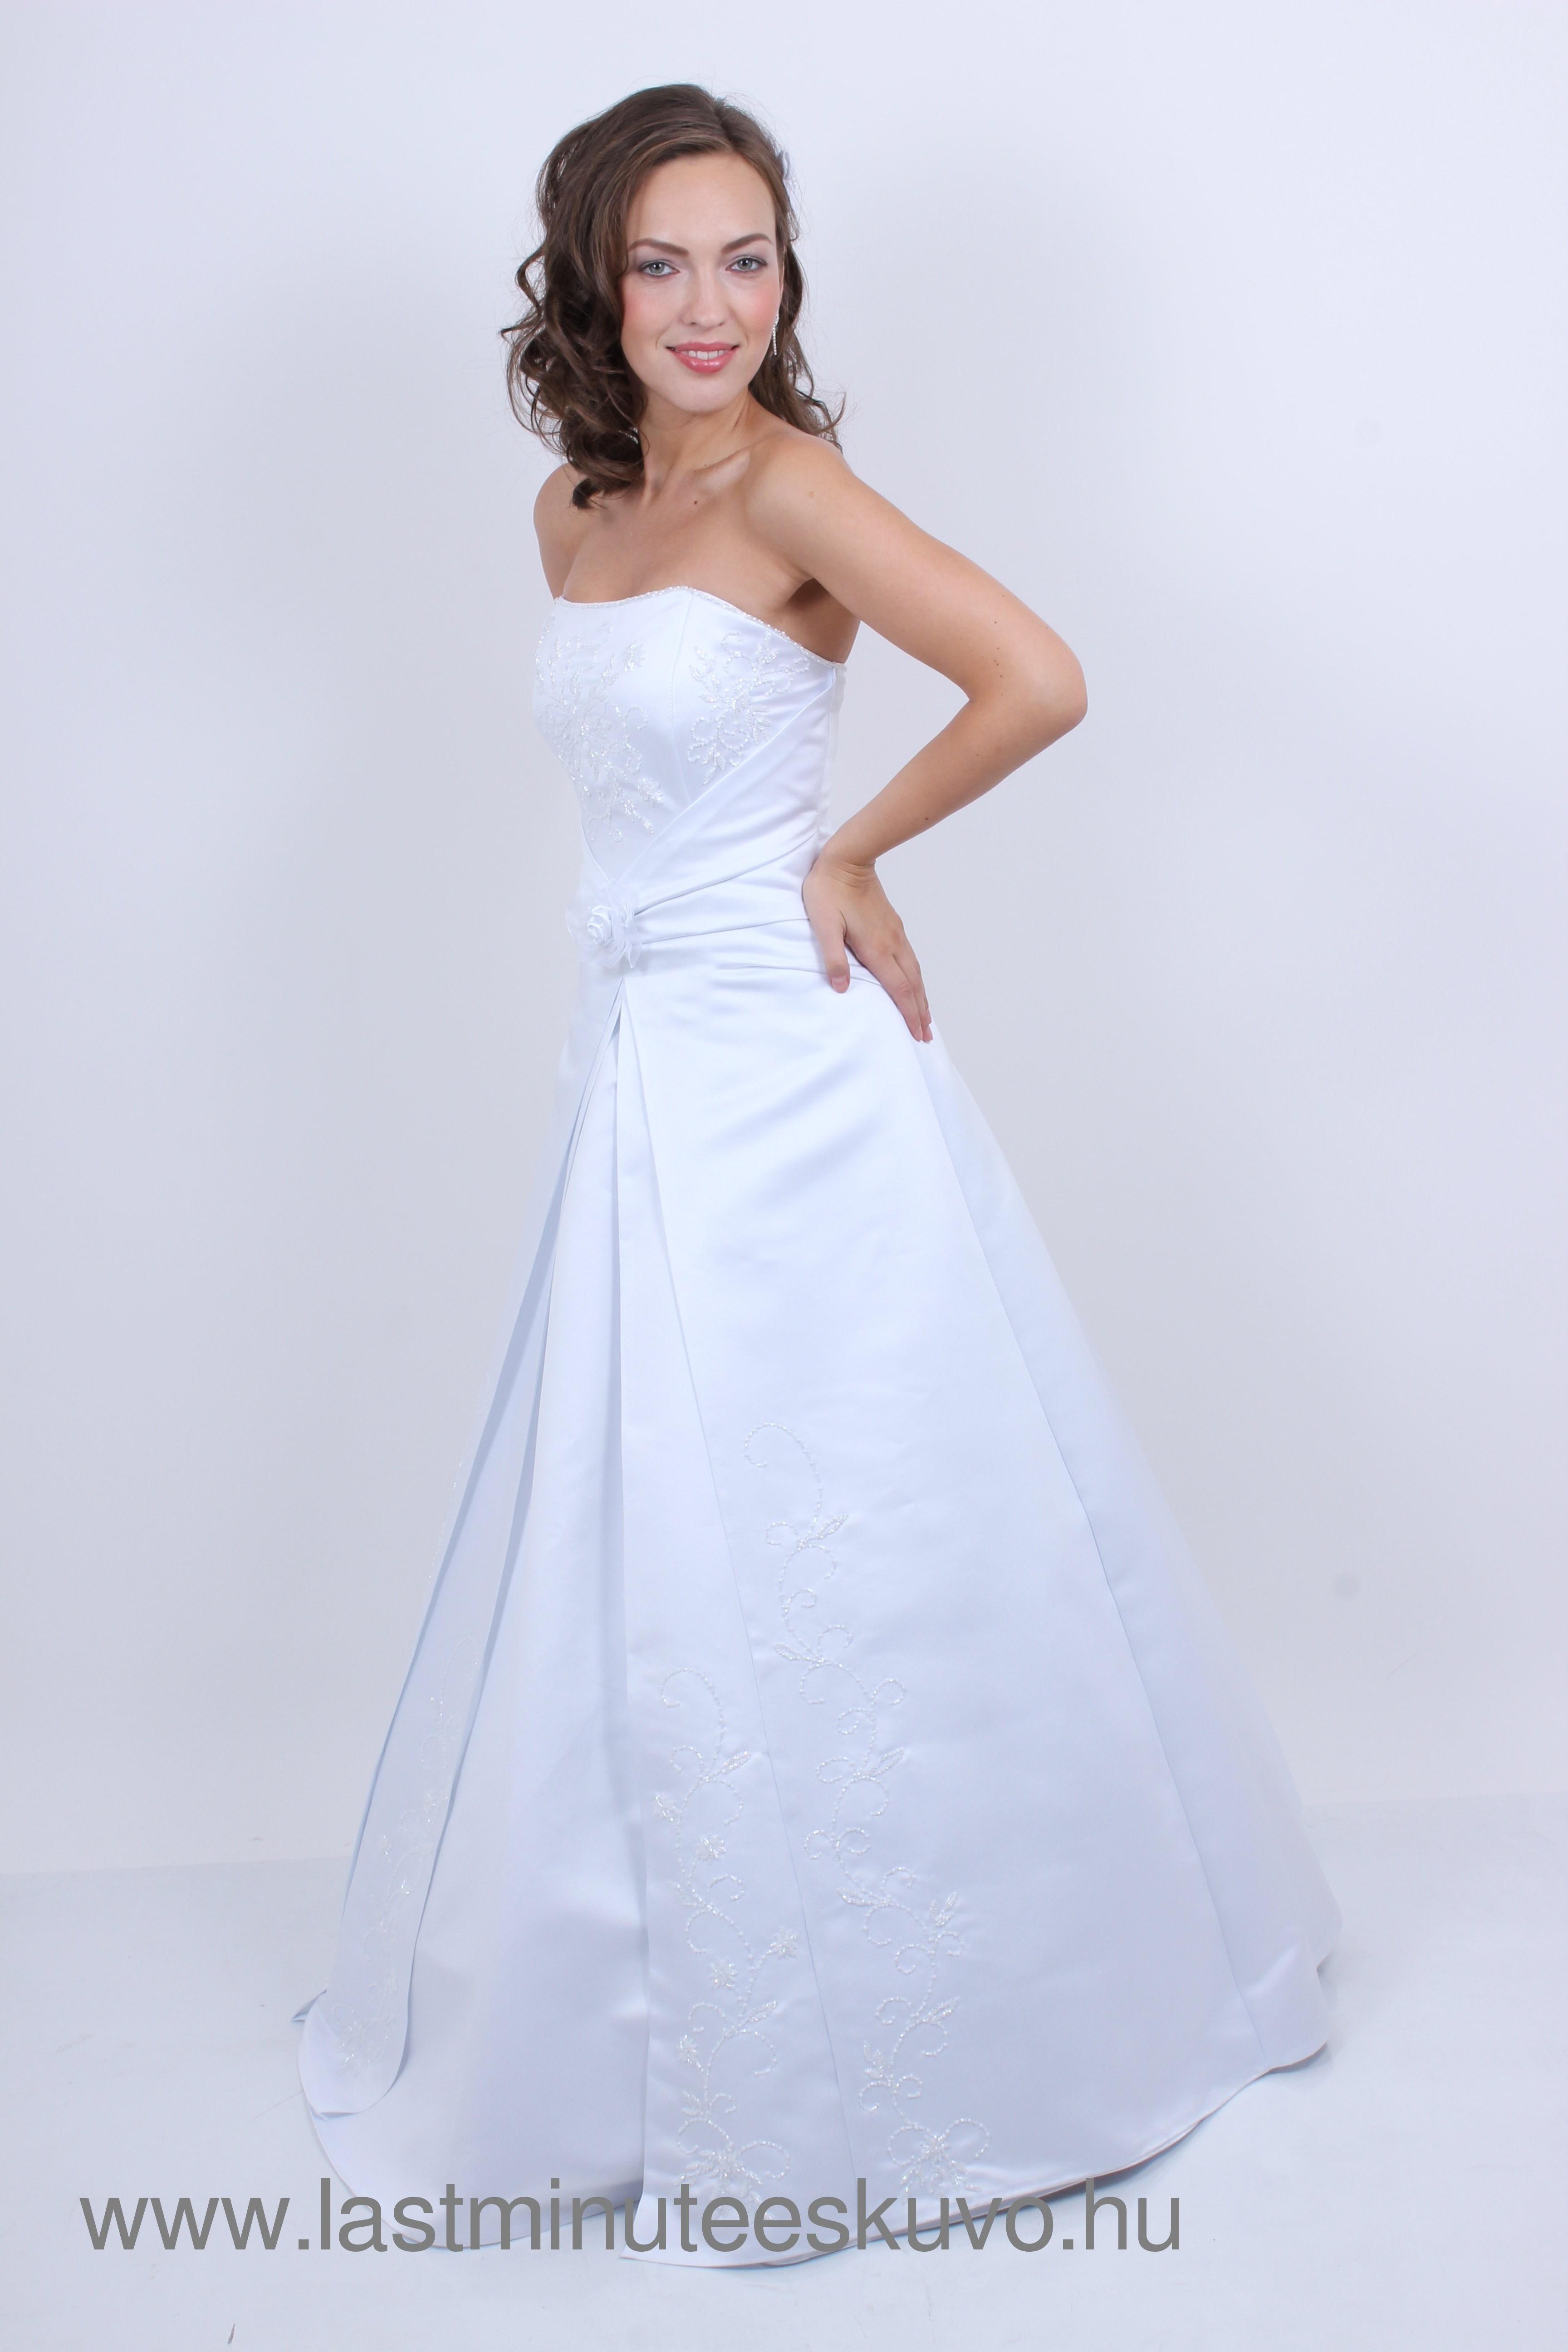 d39efc88c3 Olimpia menyasszonyi ruha | Lastminute Esküvő Webshop